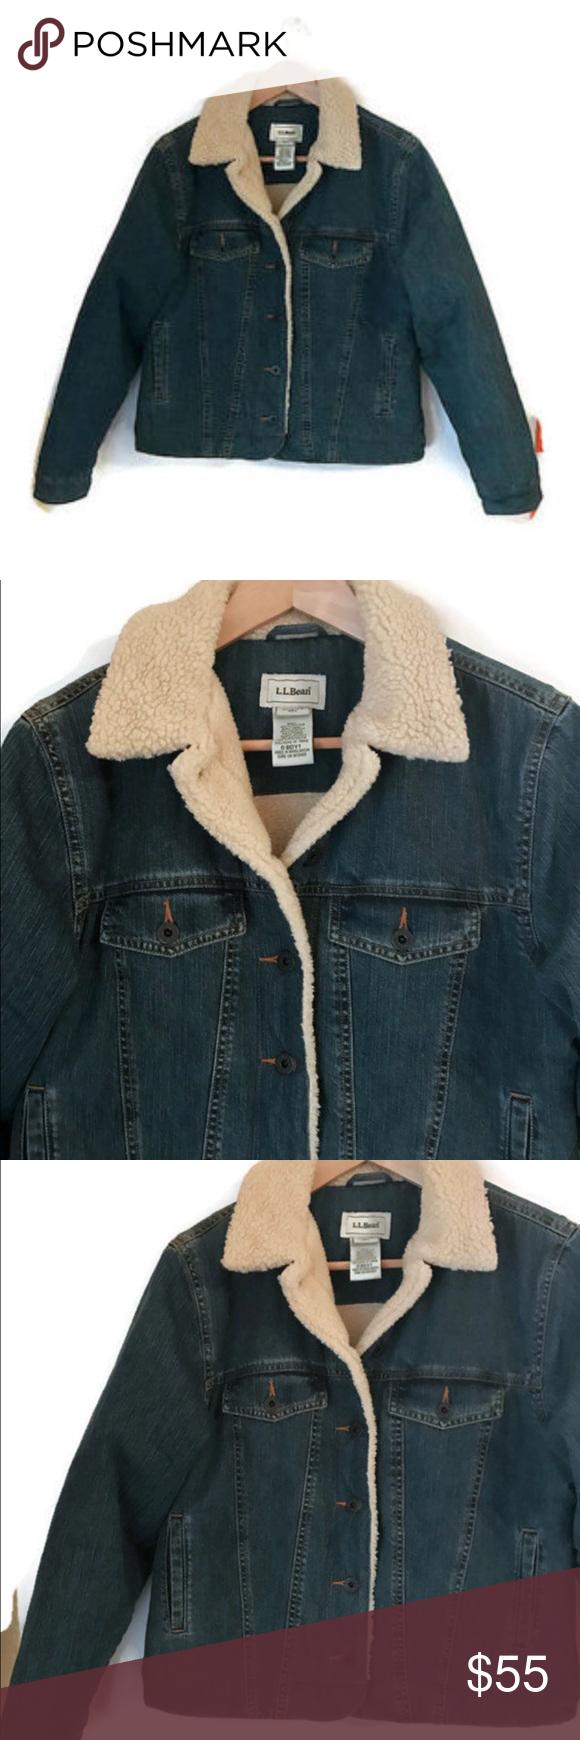 Vintage 80s Sherpa Lined Women S Jean Jacket Super Cool Vintage Insulated Sherpa Lined Jean Jacket S Jean Jacket Women Sherpa Lined Jean Jacket Ll Bean Jacket [ 1740 x 580 Pixel ]